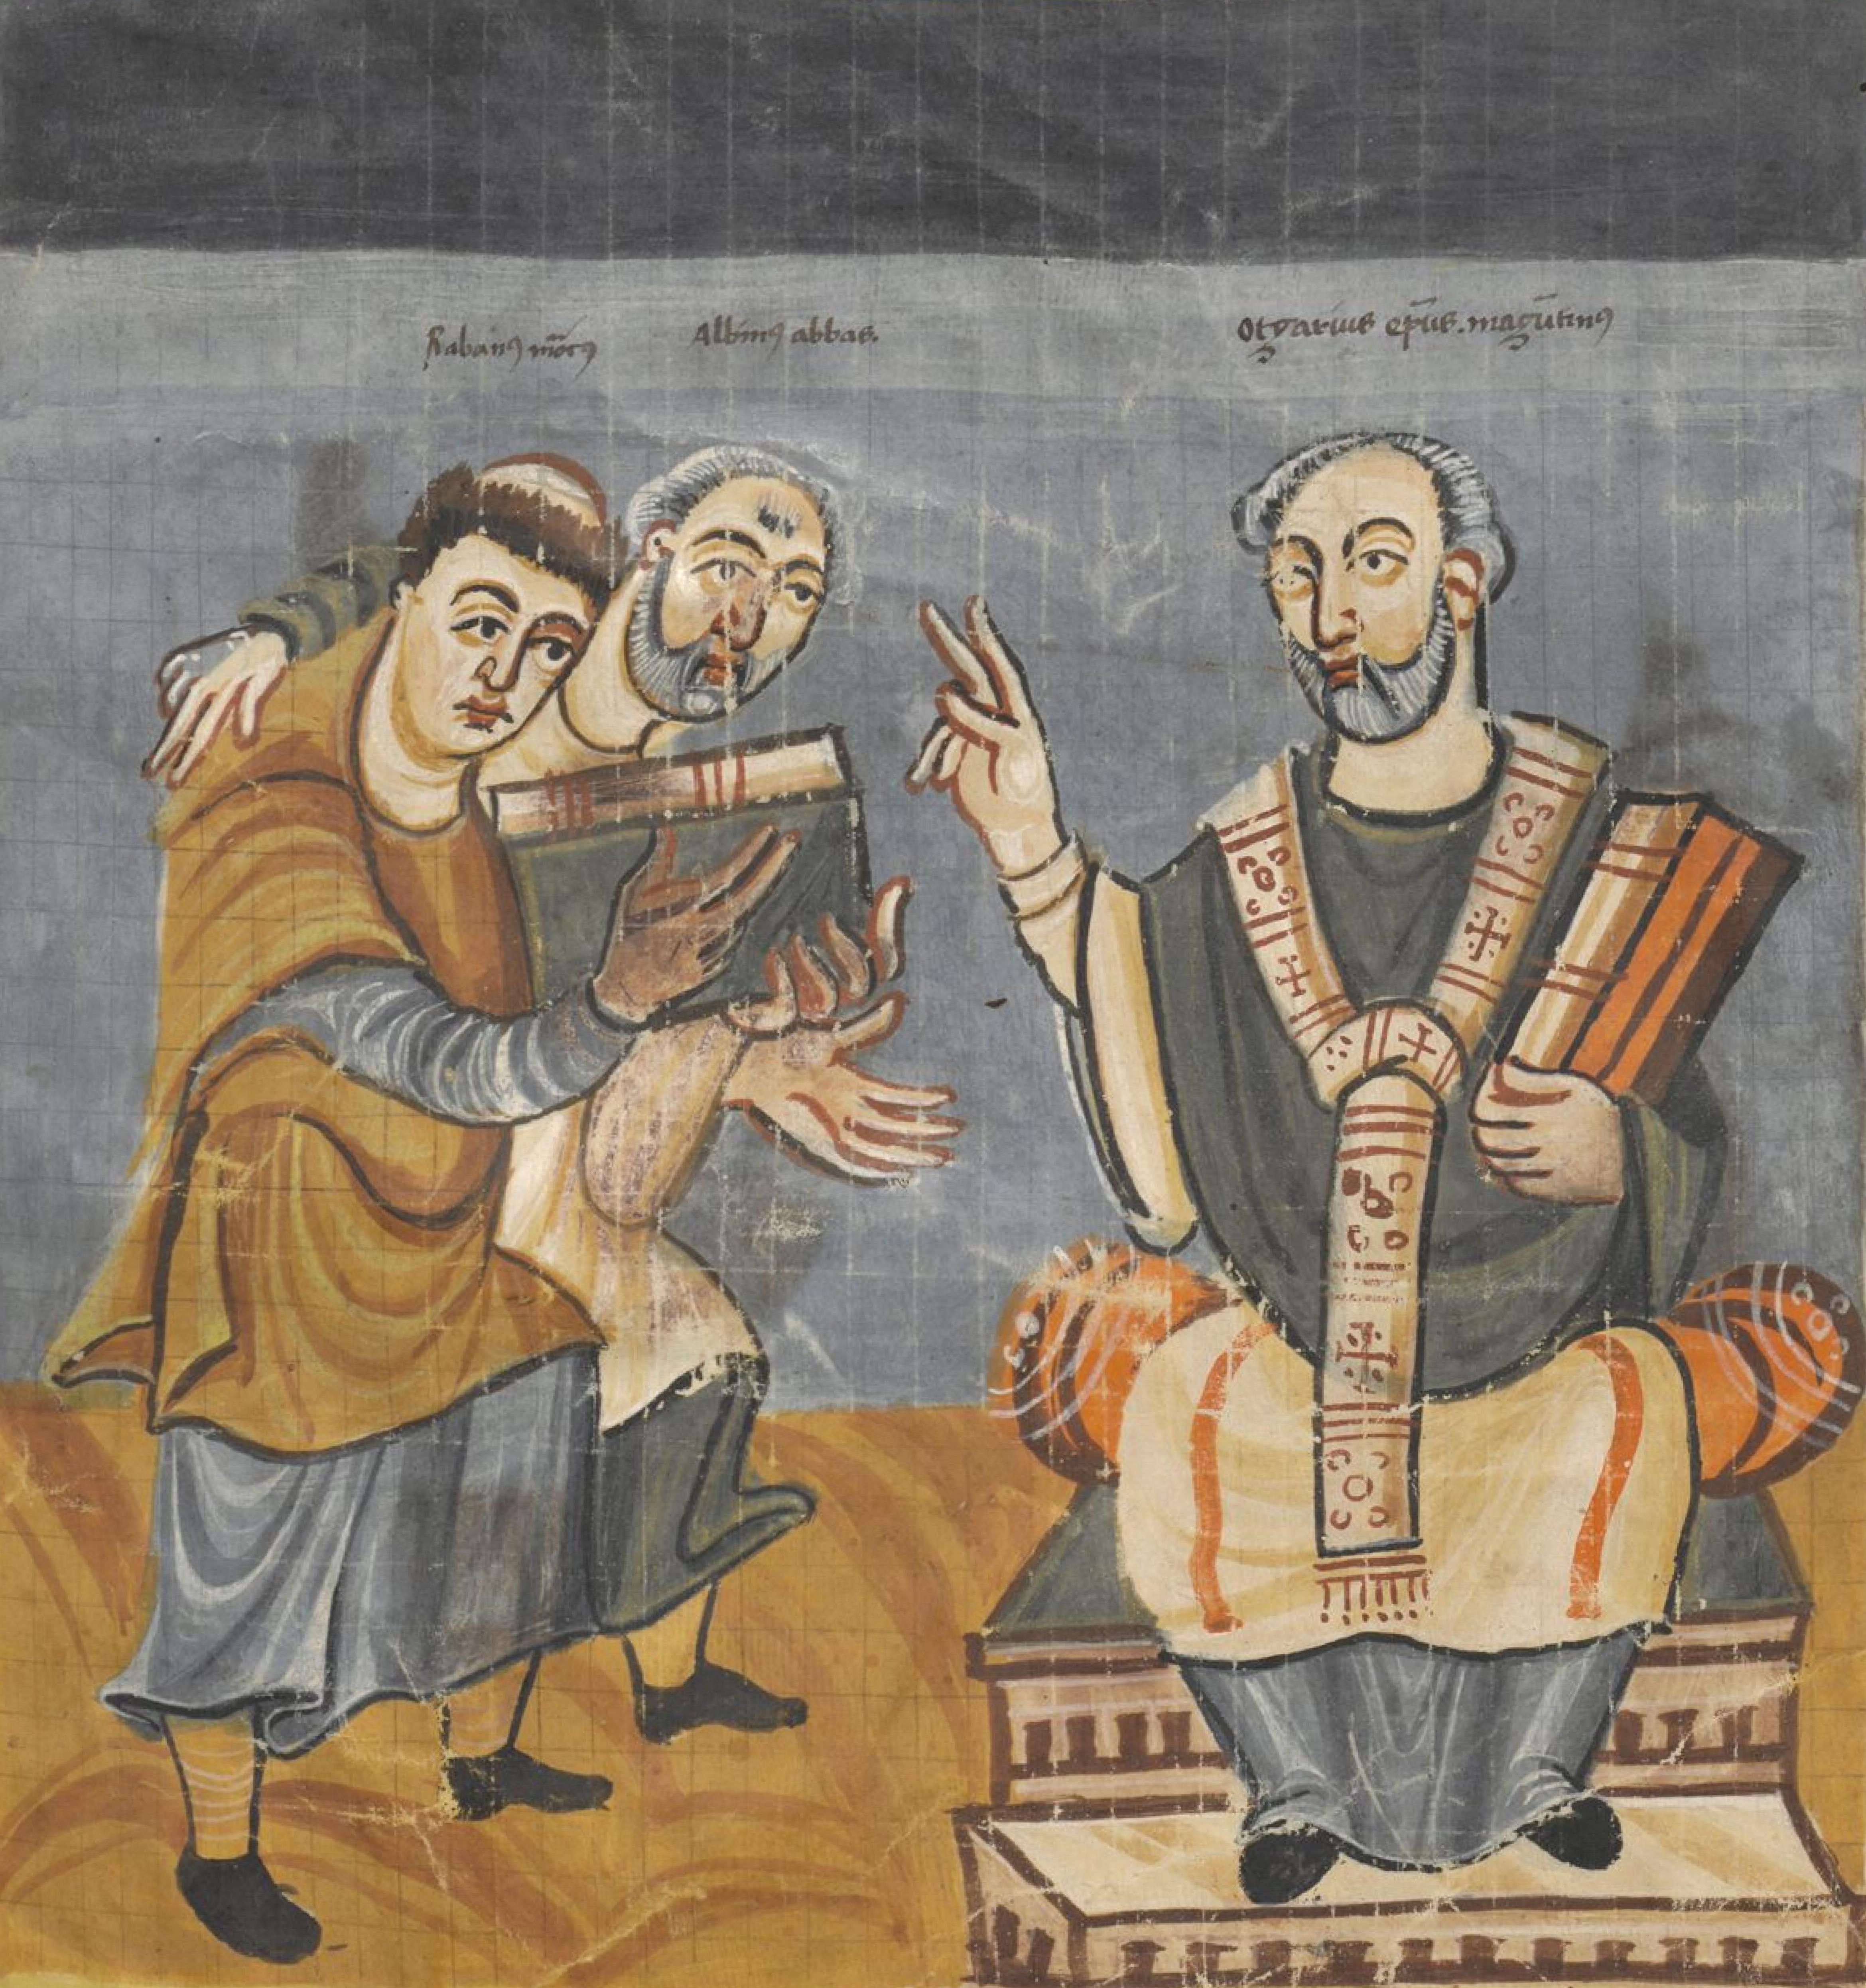 Rabano Mauro apoyado por Alcuino ofrece una obra a Otgar de Maguncia; Alcuino de York